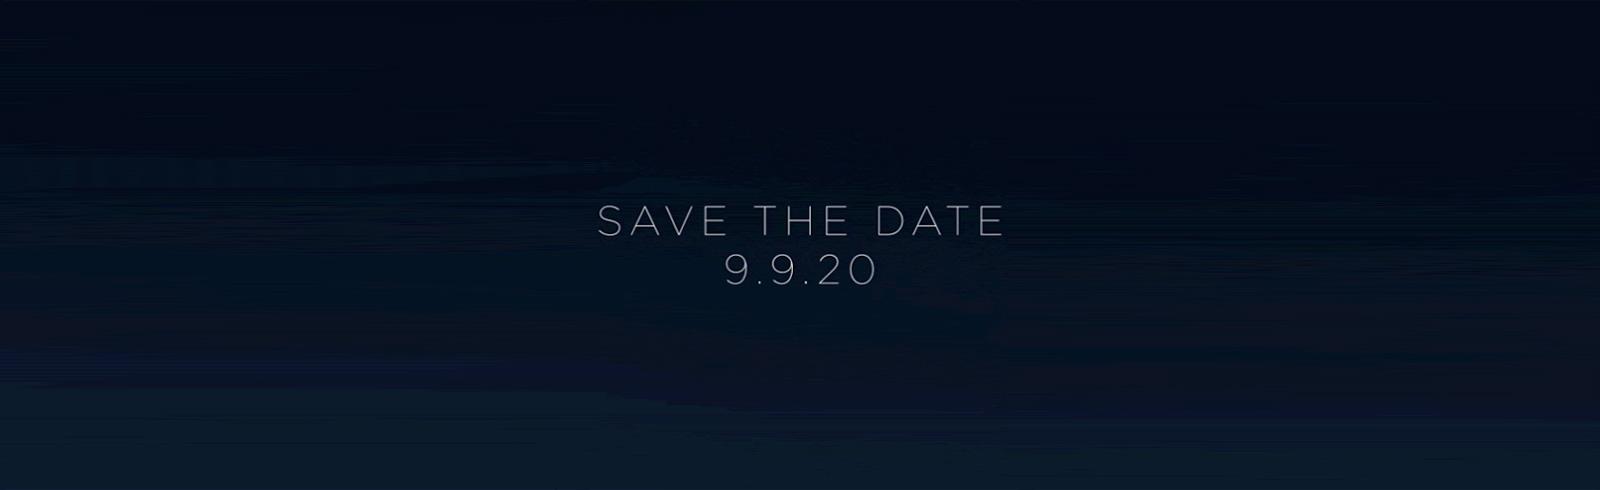 Motorola will announce the Motorola Razr 5G on September 9th